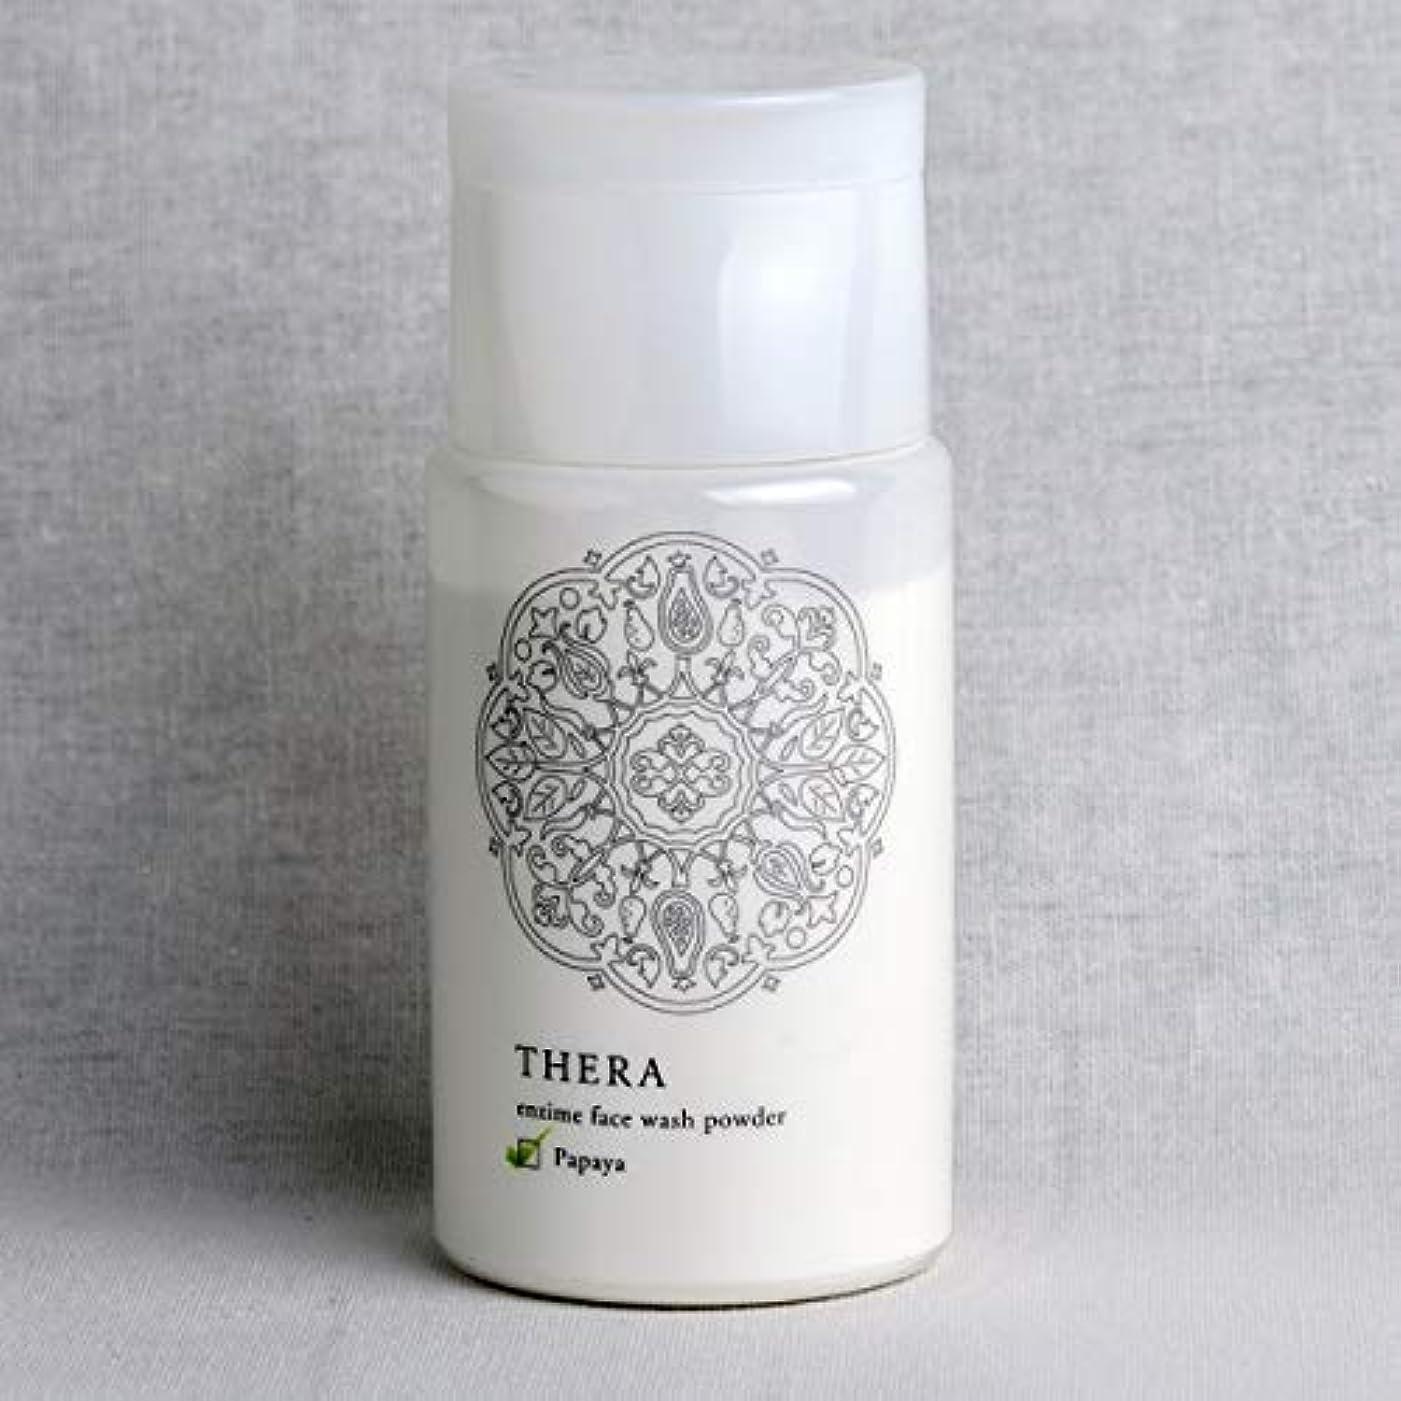 通貨麦芽変化するTHERA(テラ) 酵素のあらい粉 洗顔 しろ 50g